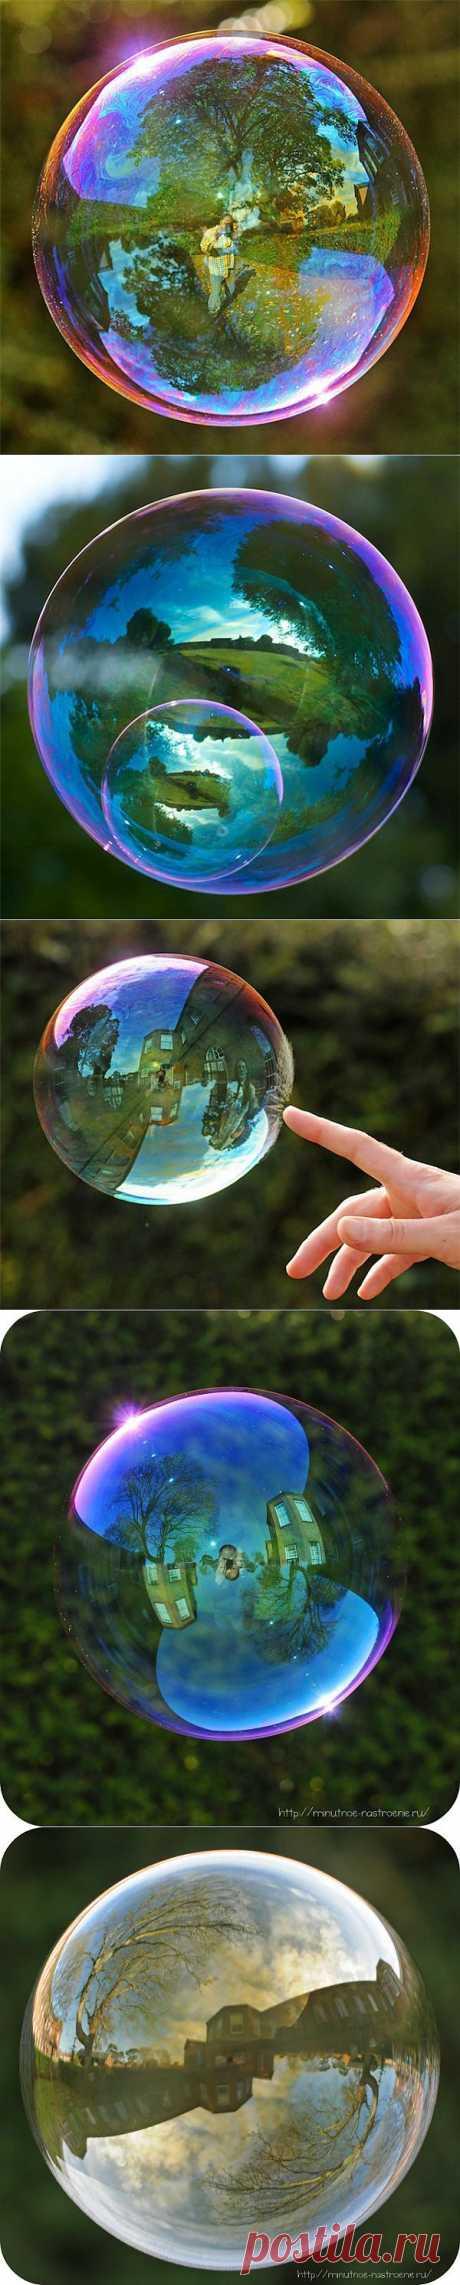 Волшебный мир в мыльных пузырях | Кому за пятьдесят